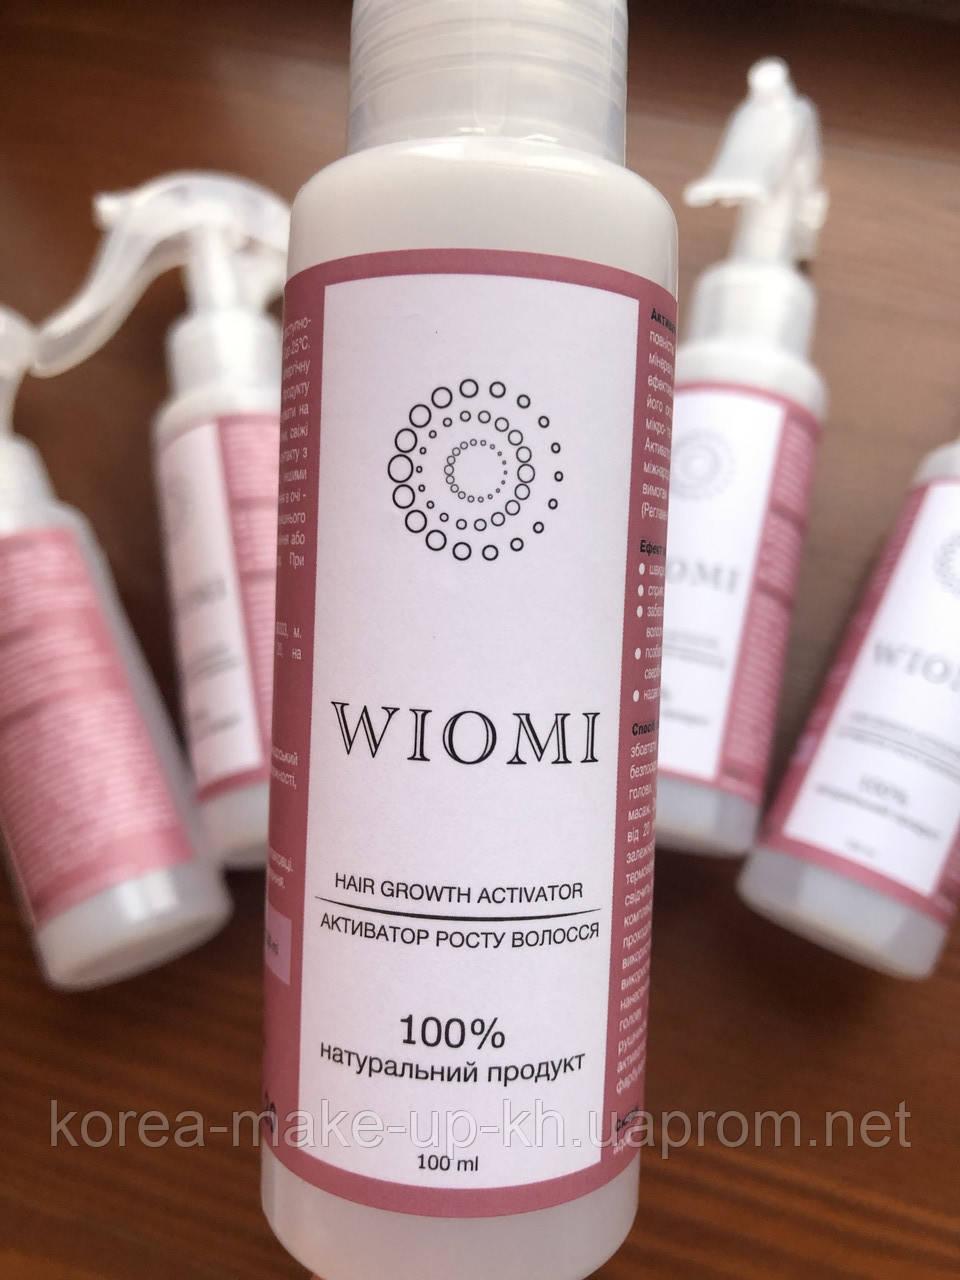 Спрей для роста волос WIOMI